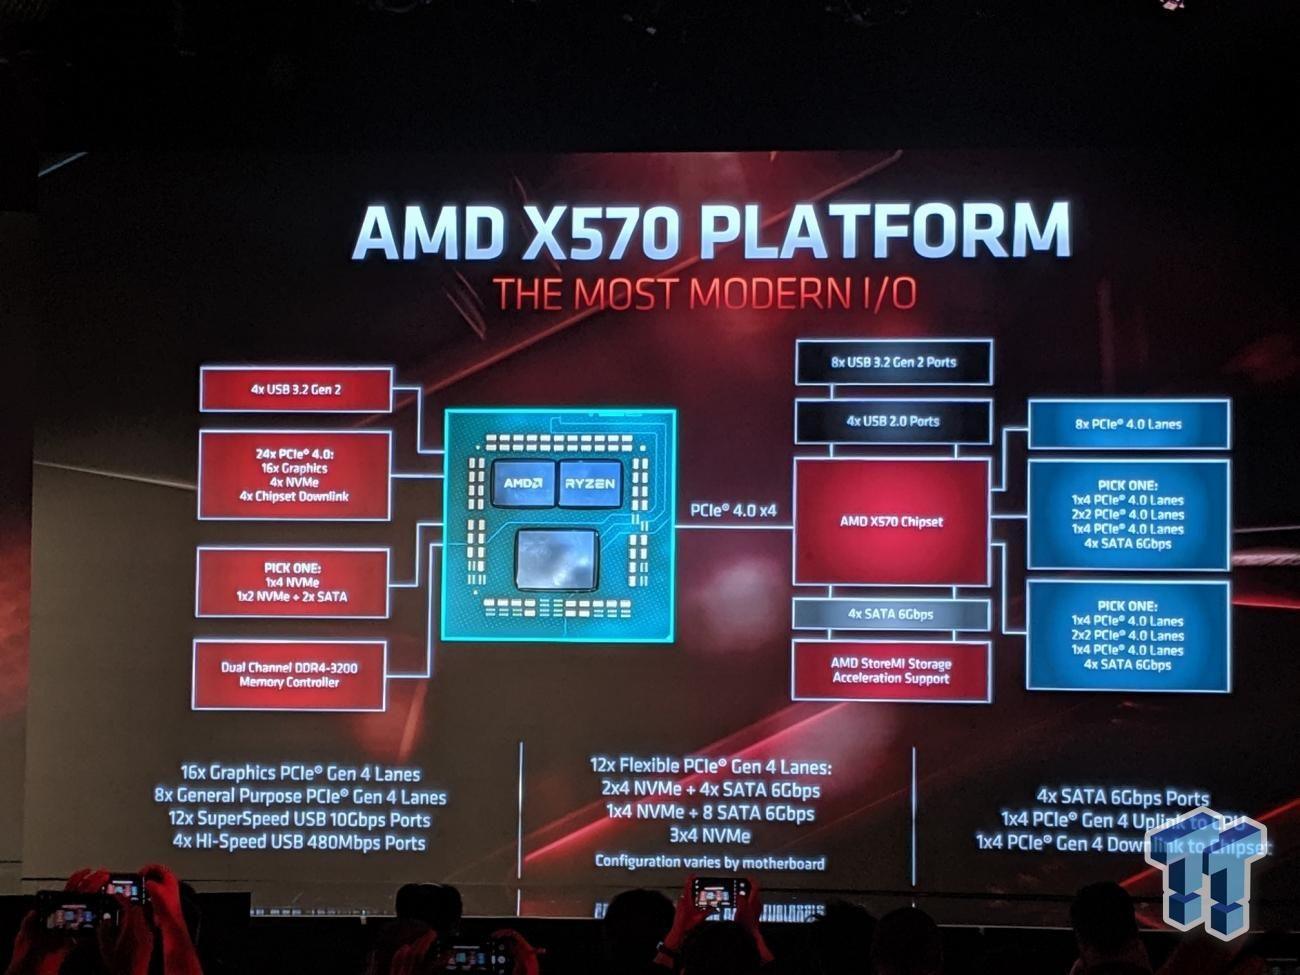 Amd X590 Chipset More Pcie 4 0 Lanes Better Overclocking Tweaktown News